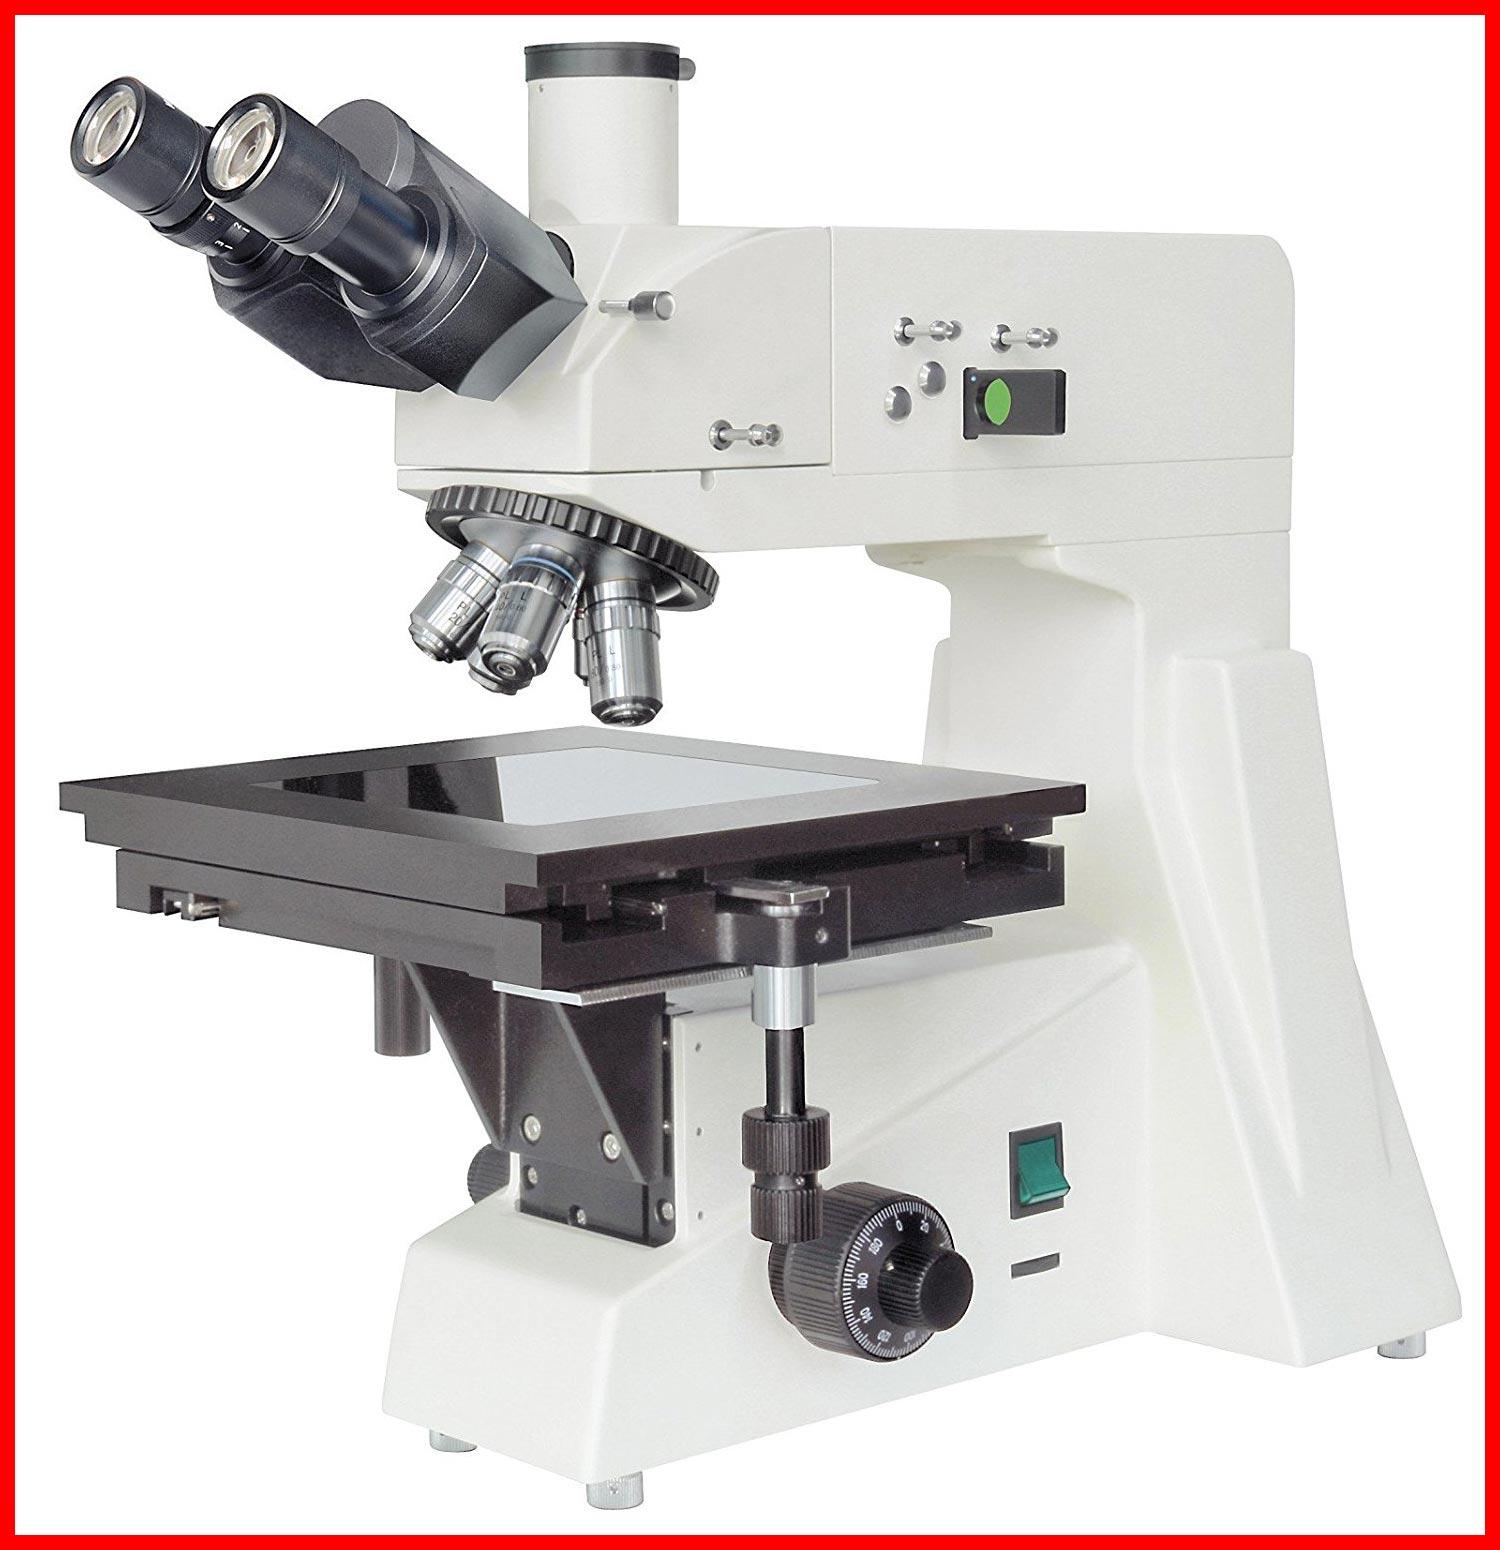 Trinokulares-Mikroskop Bresser Science MTL-201